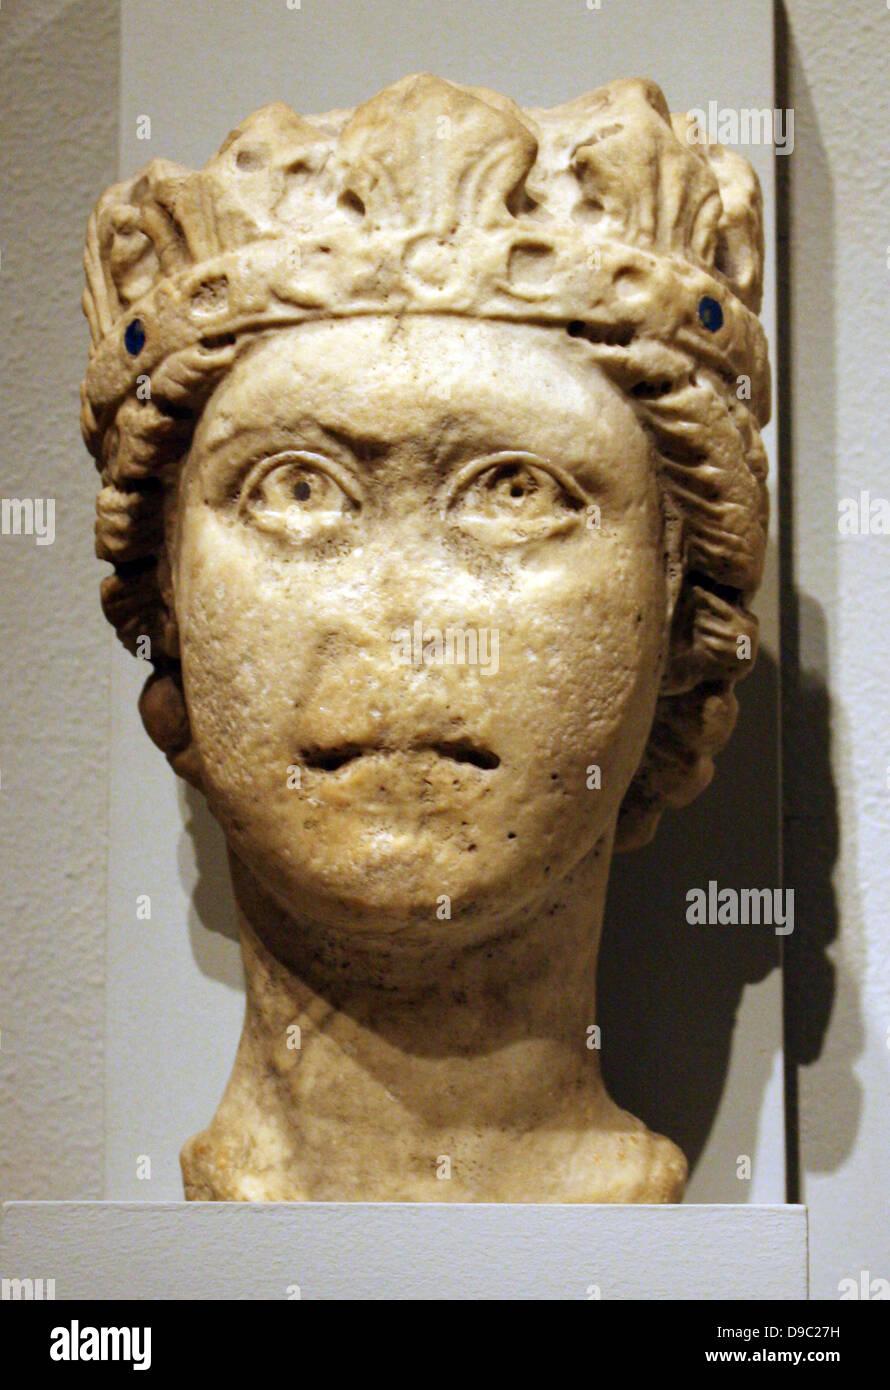 Cabeza de piedra caliza de un hombre barbado, posiblemente de Júpiter. Sur Italiano, posiblemente de Apulia. 1200-1300 tallada. Foto de stock